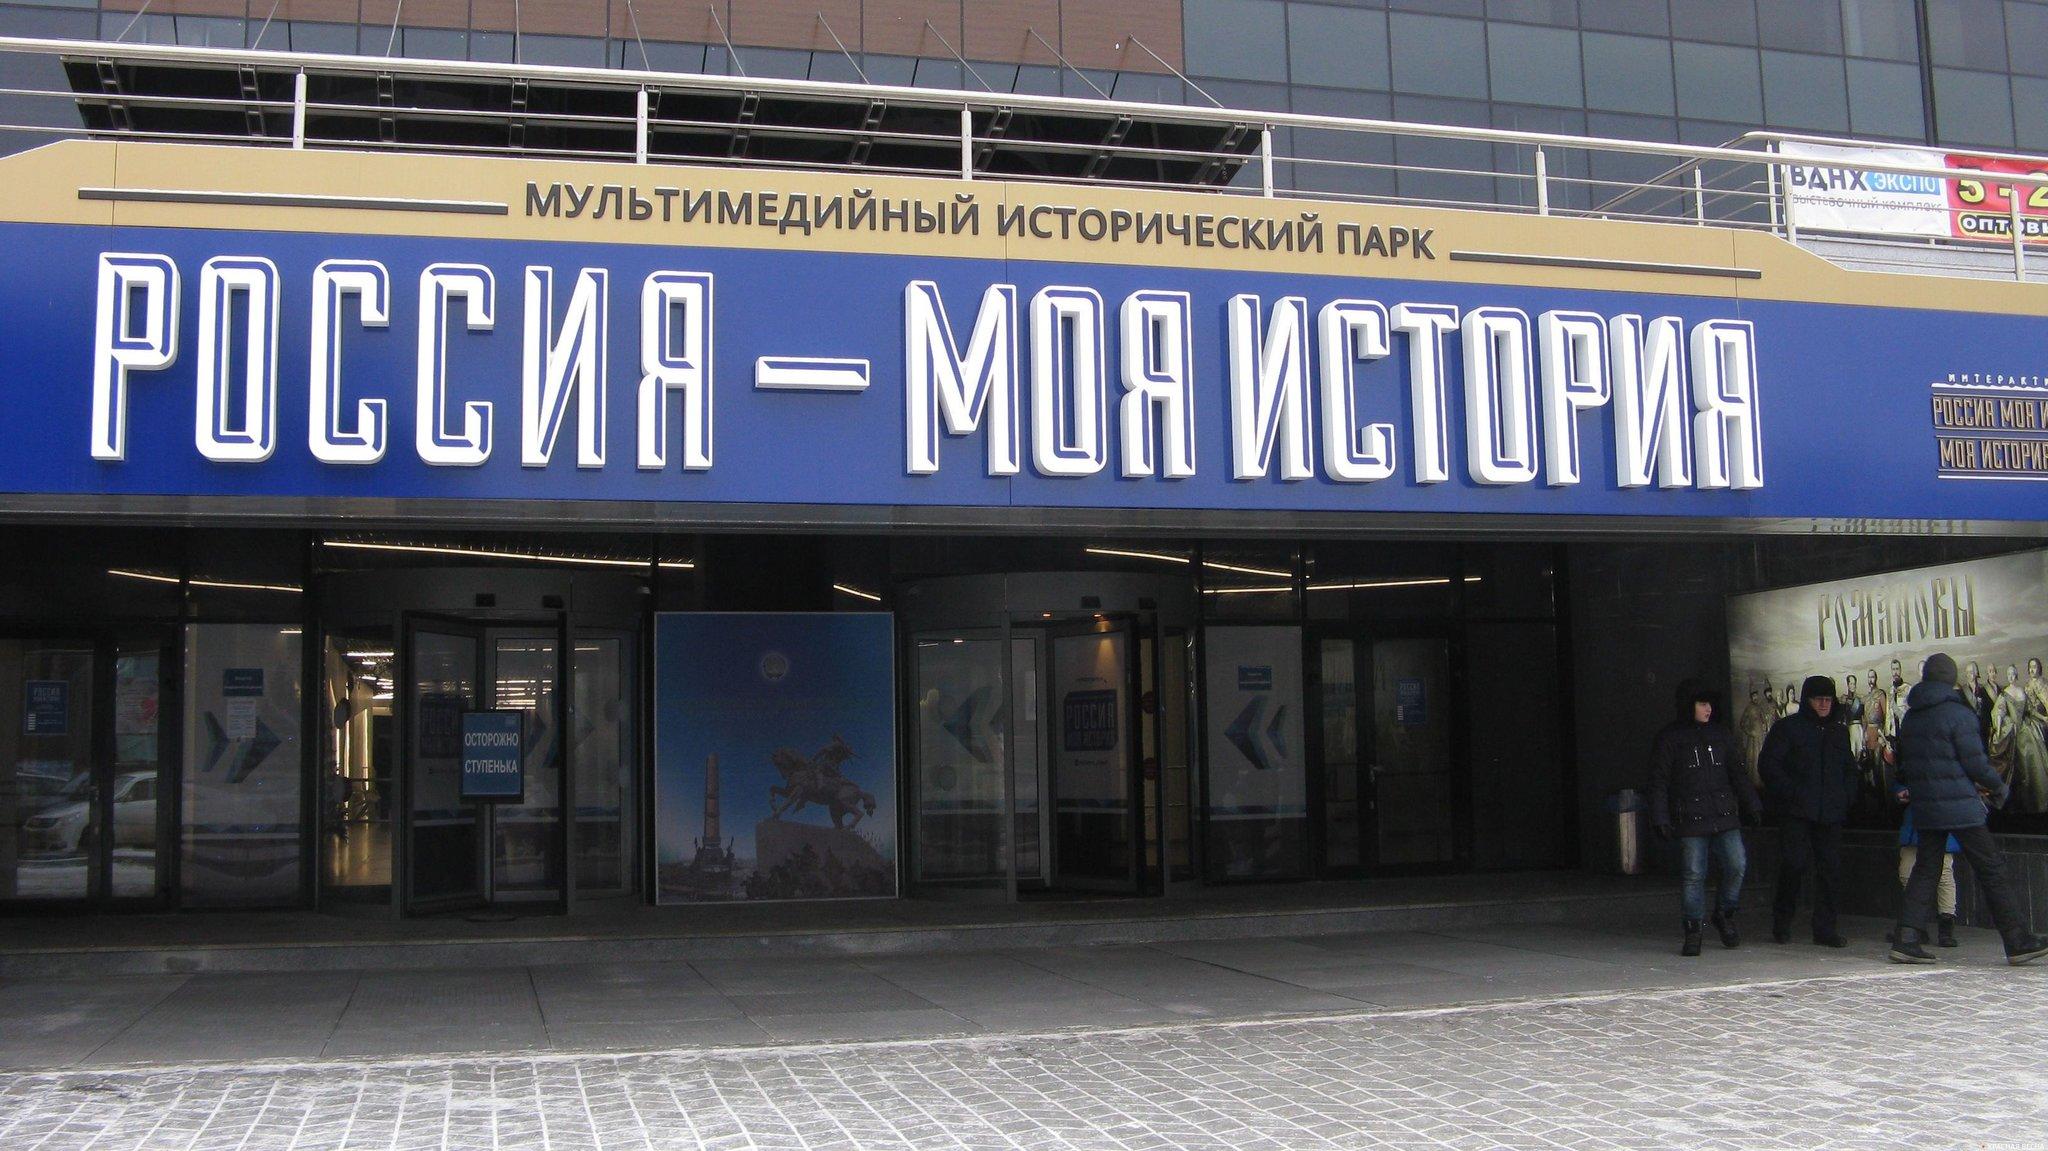 Россия - моя история